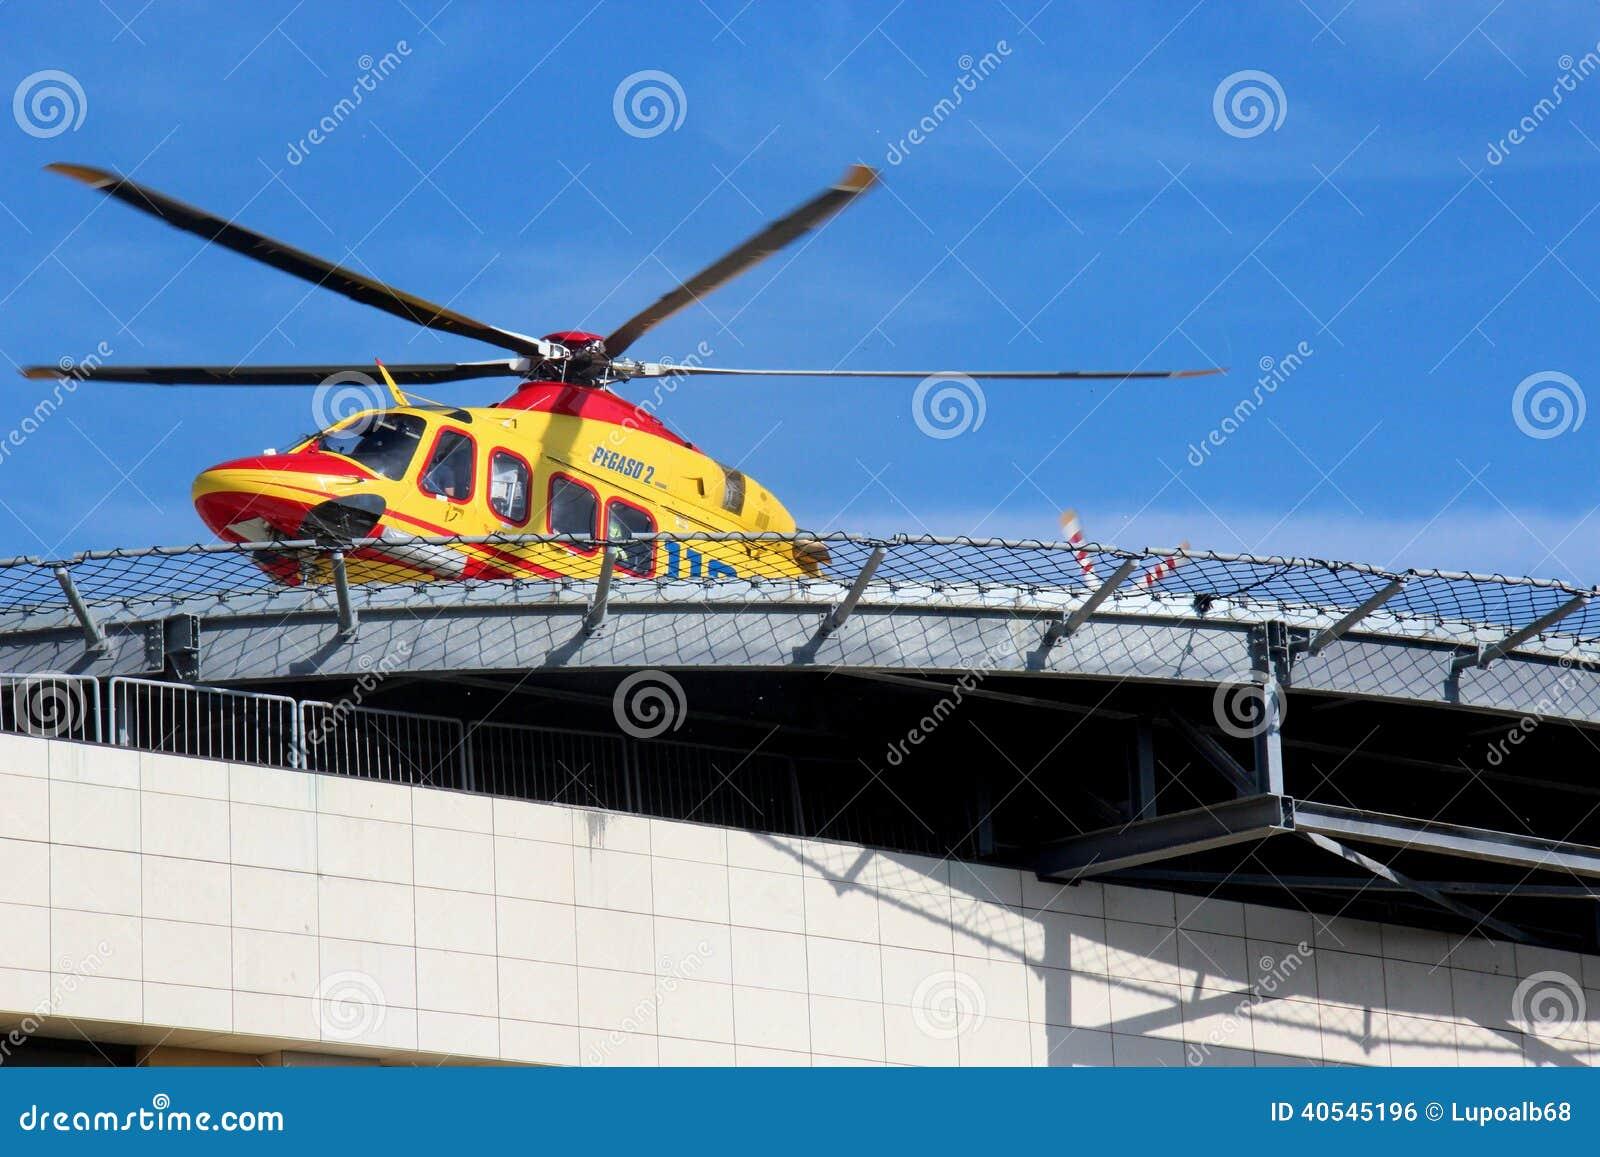 Elicottero 118 : Maxi esercitazione di elisoccorso sul monte amiata con